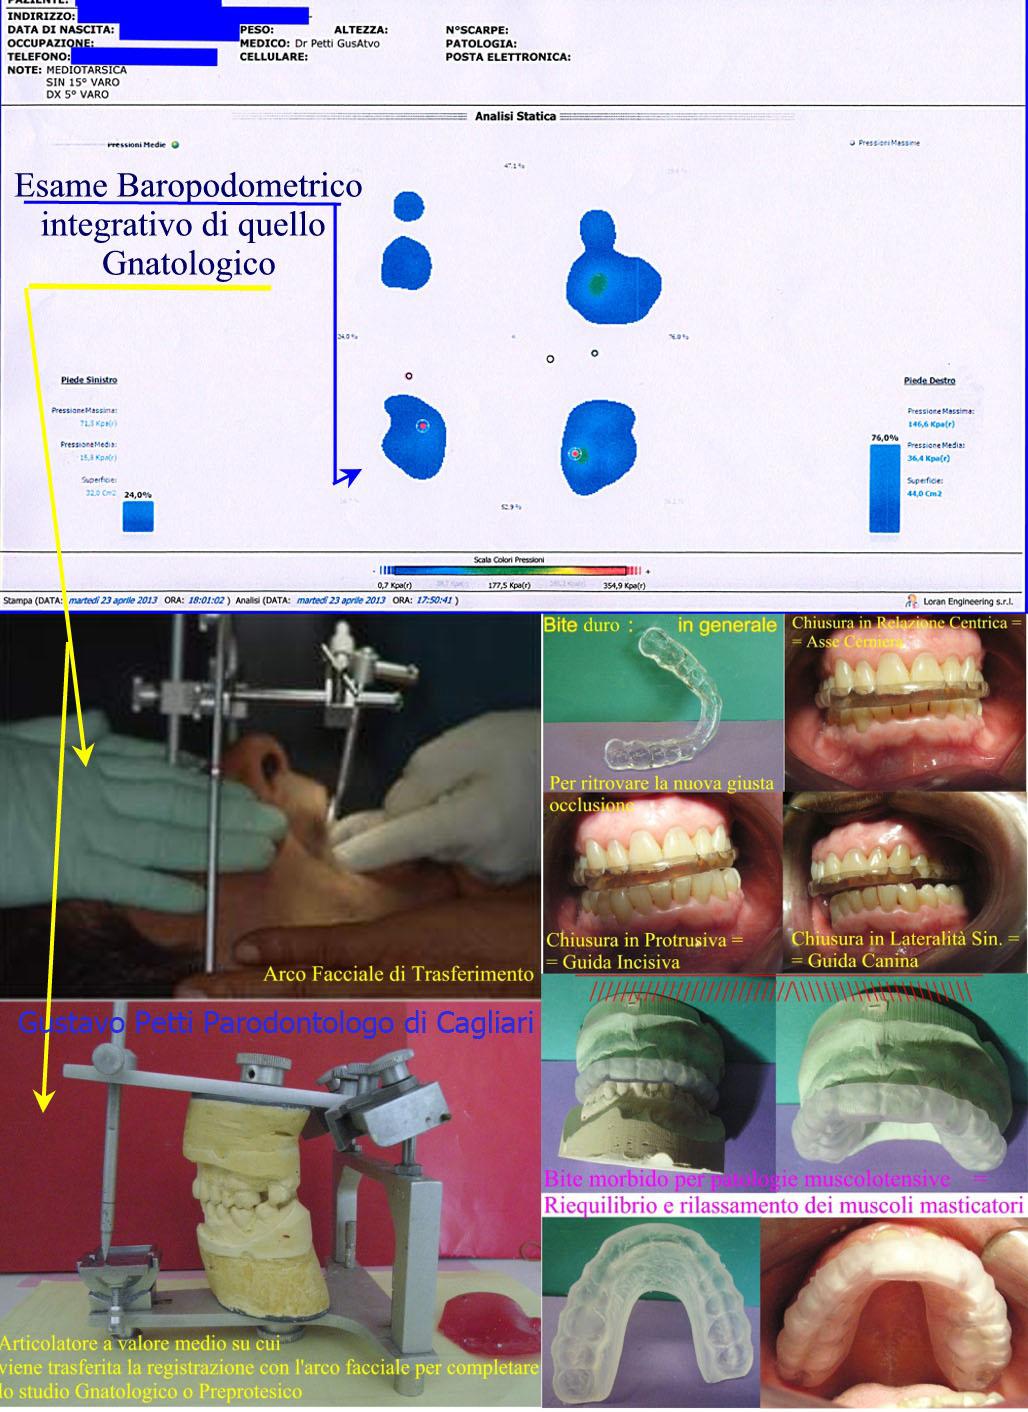 gnatologia-dr-g.petti-cagliari-149.jpg